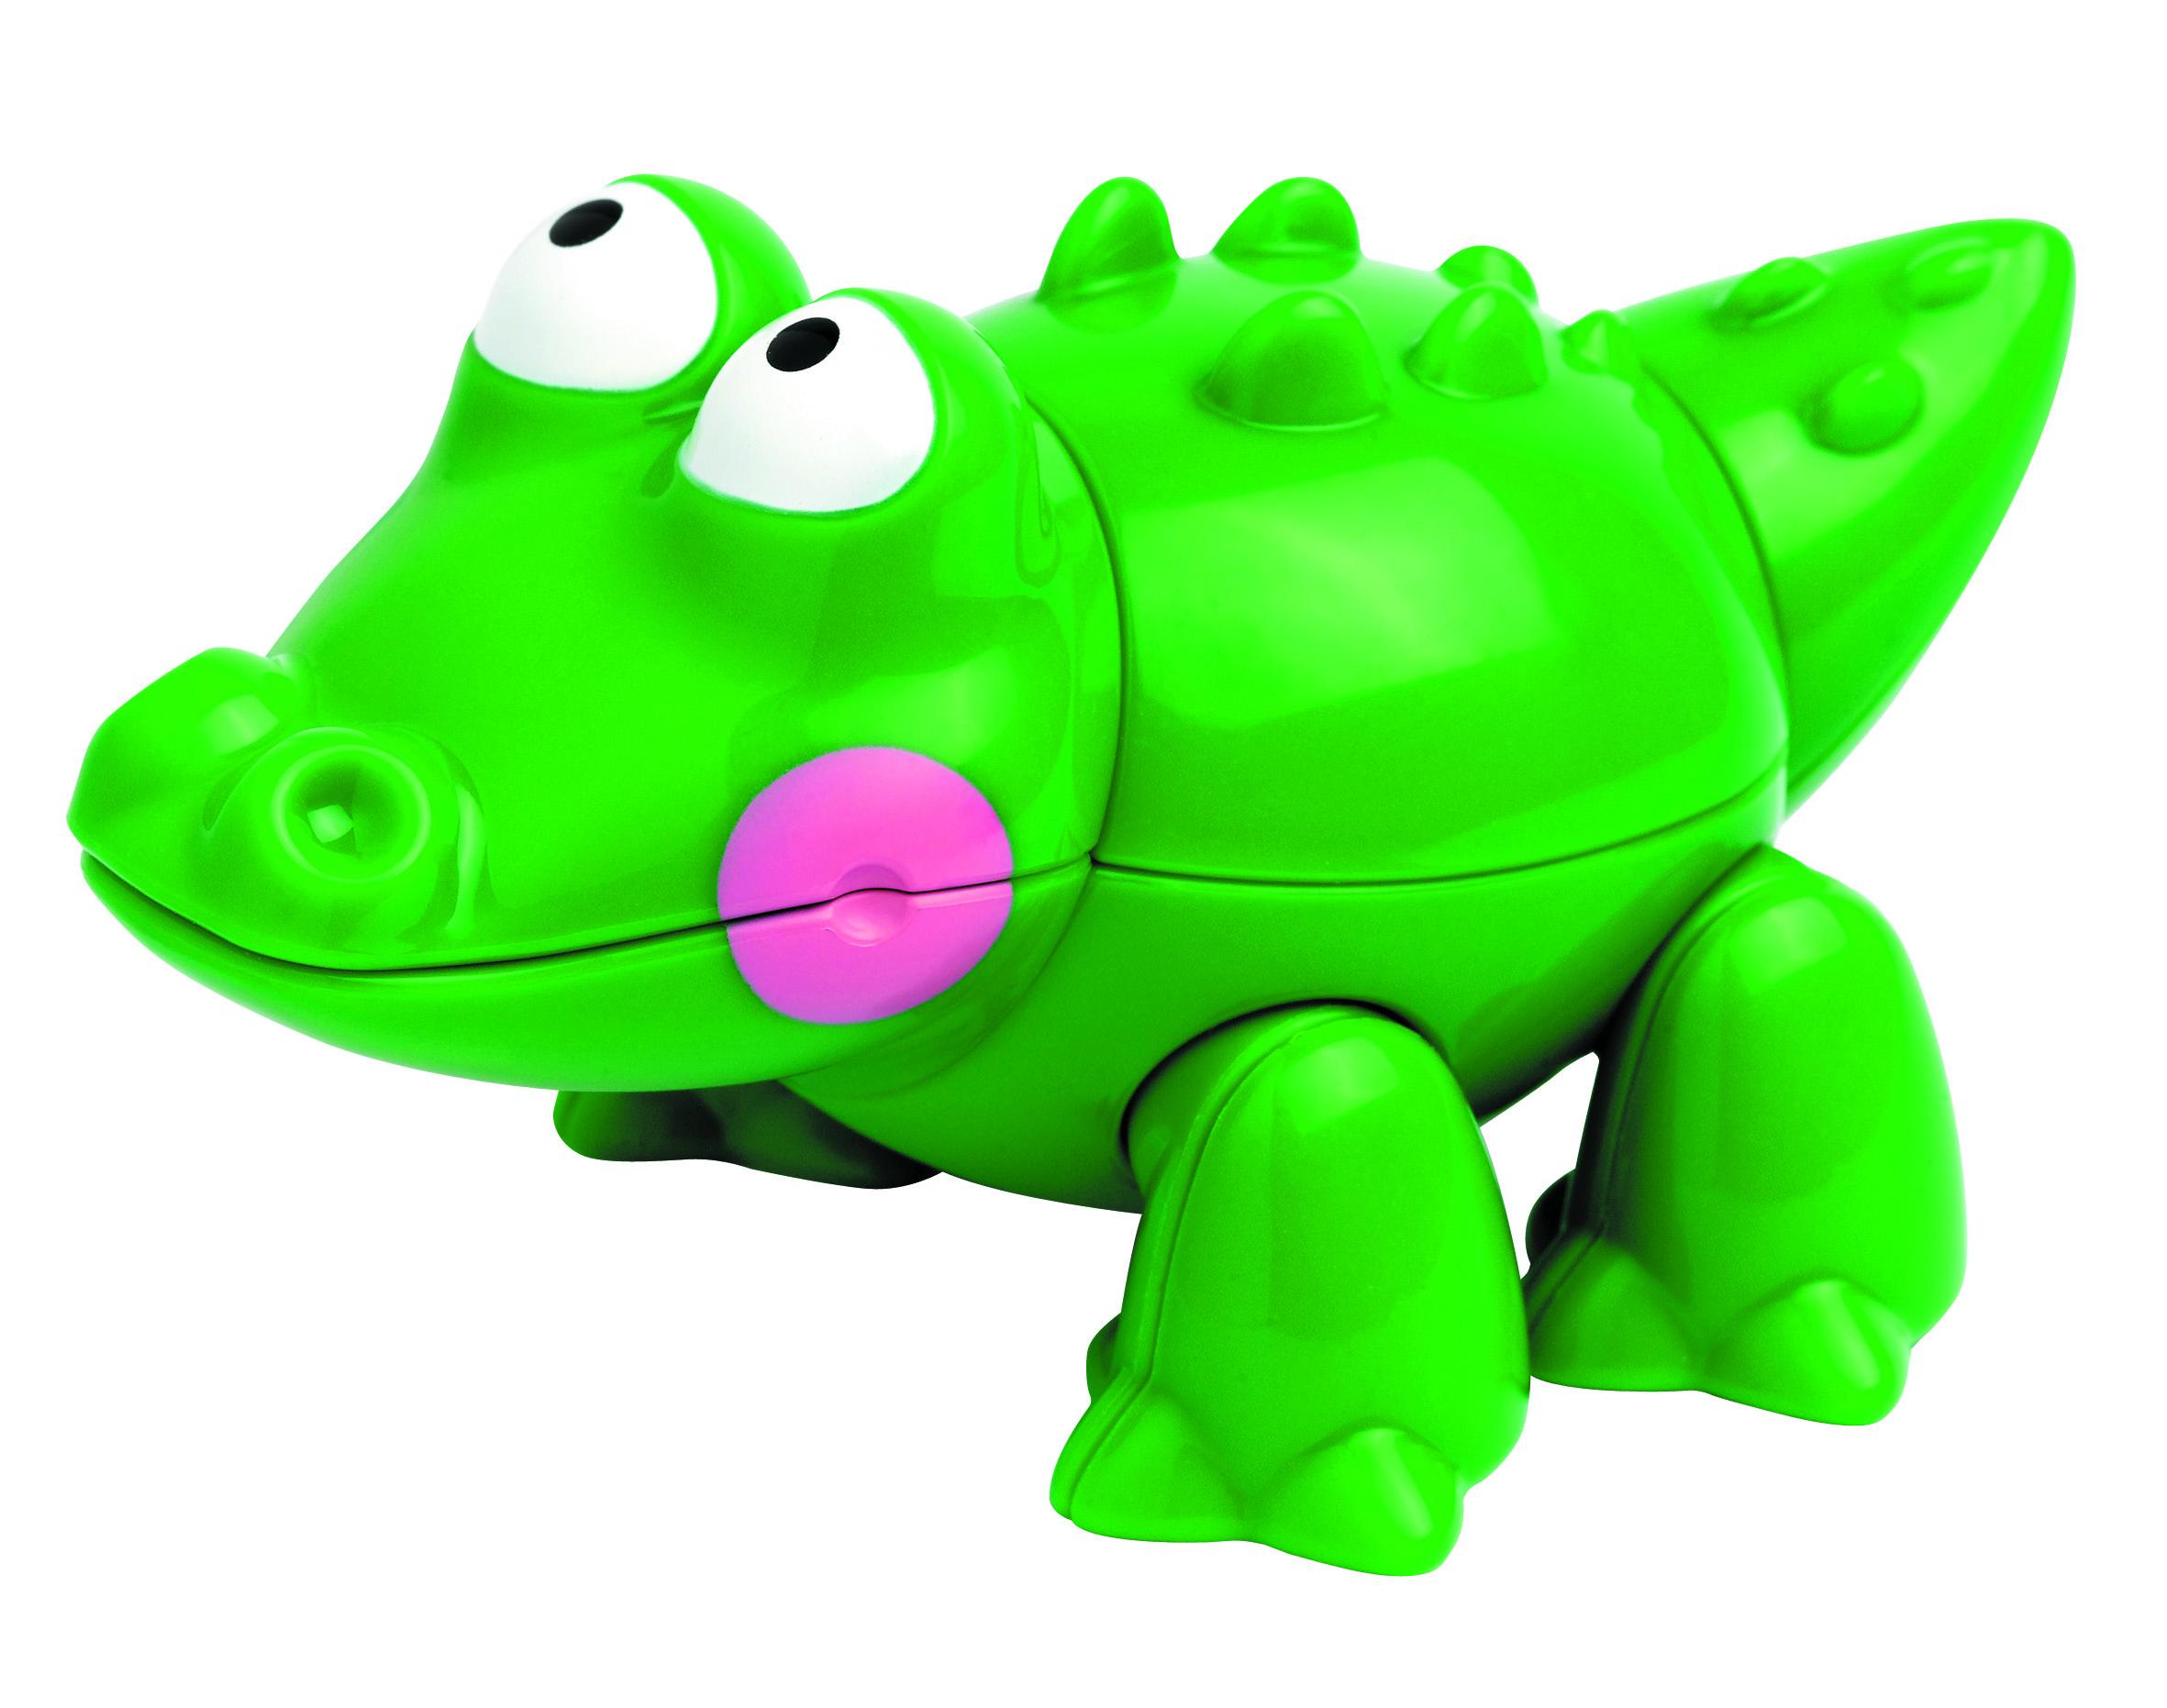 Tolo jouet - Achat / Vente jeux et jouets pas chers